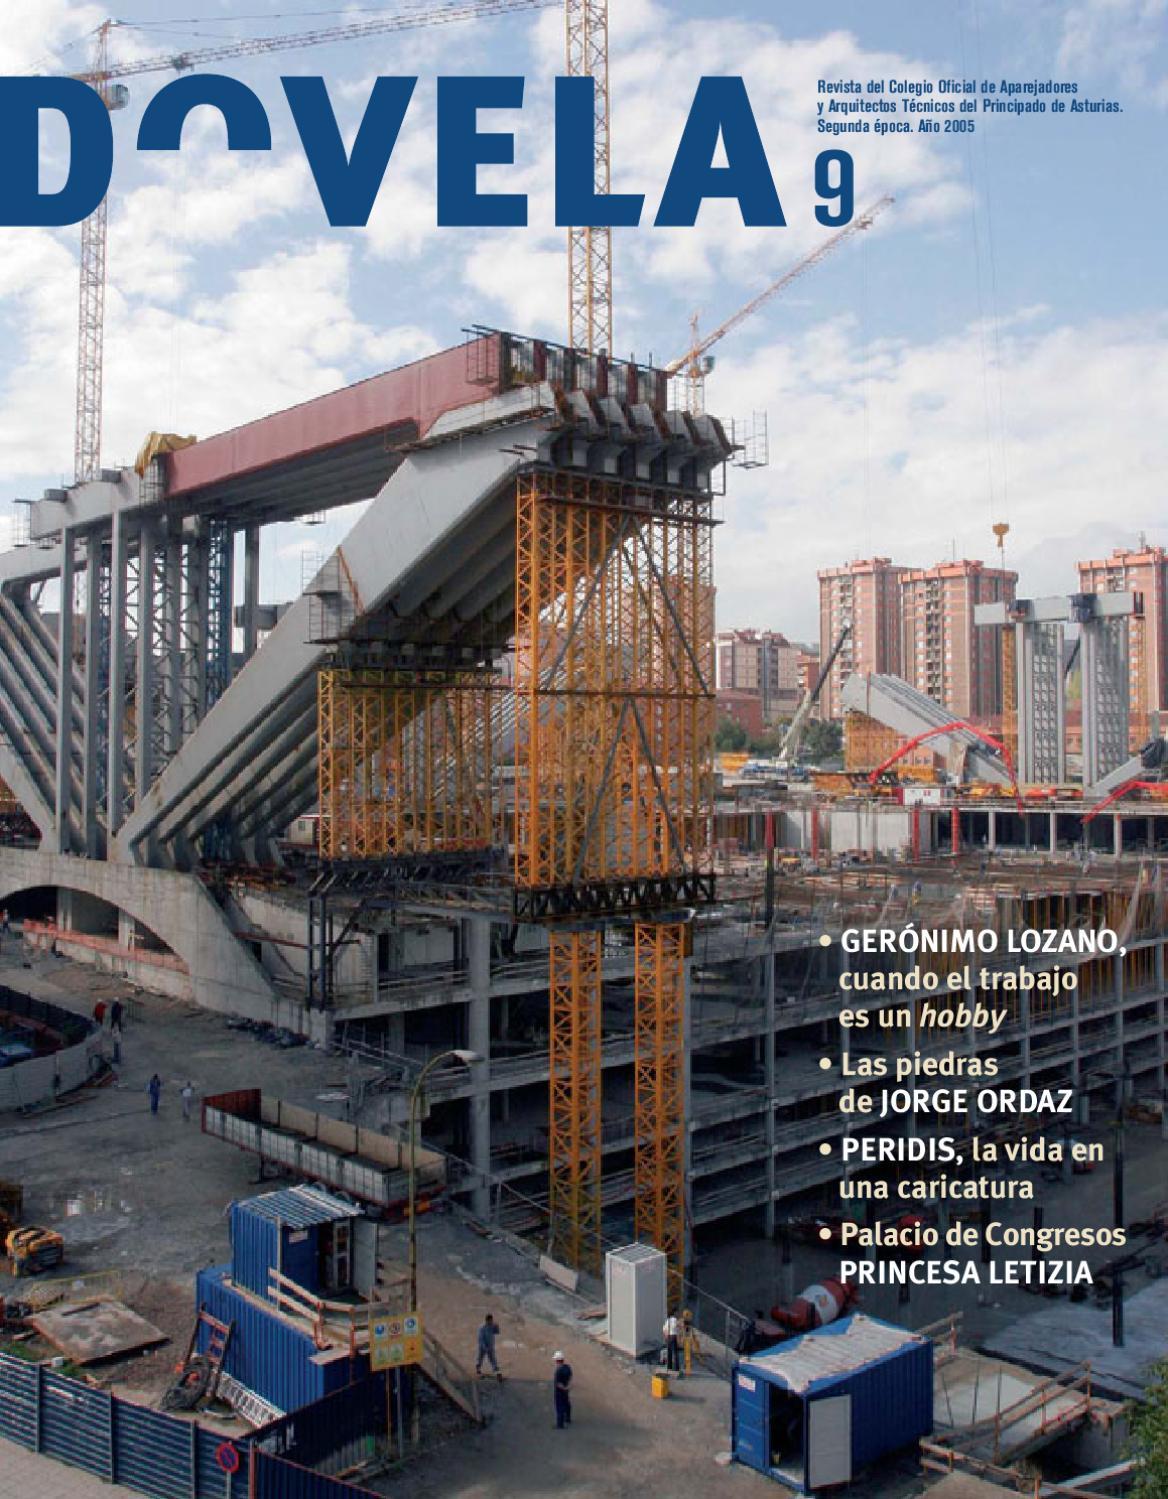 Dovela 9 by Colegio de Aparejadores y Arquitectos Técnicos del ...